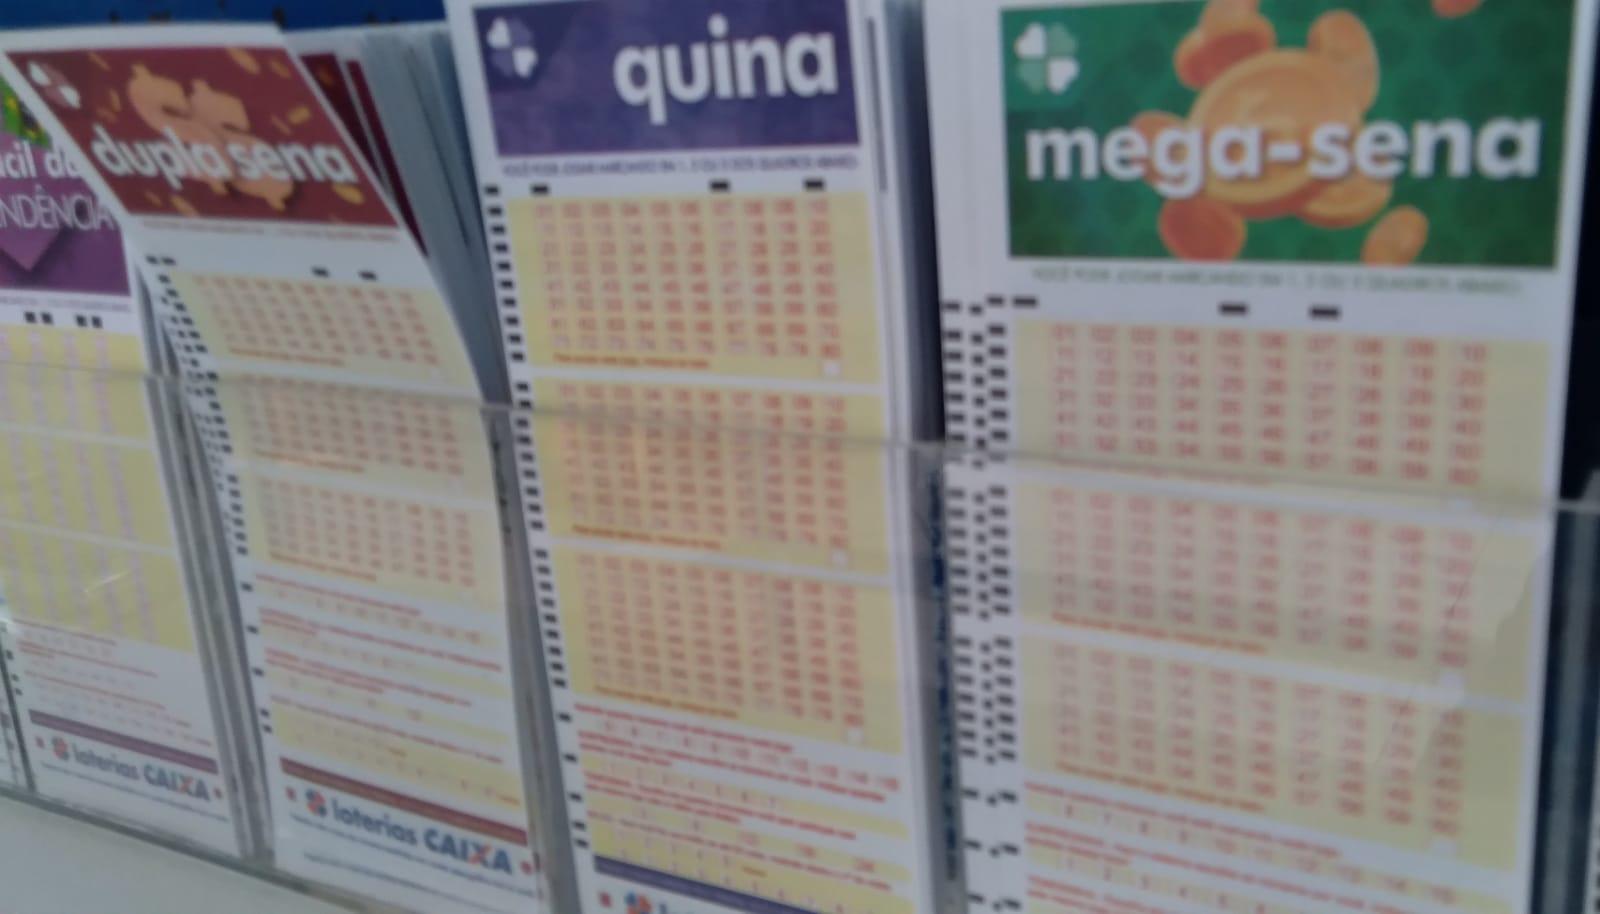 Ninguém acerta a Mega-Sena e prêmio acumula em R$ 45 milhões